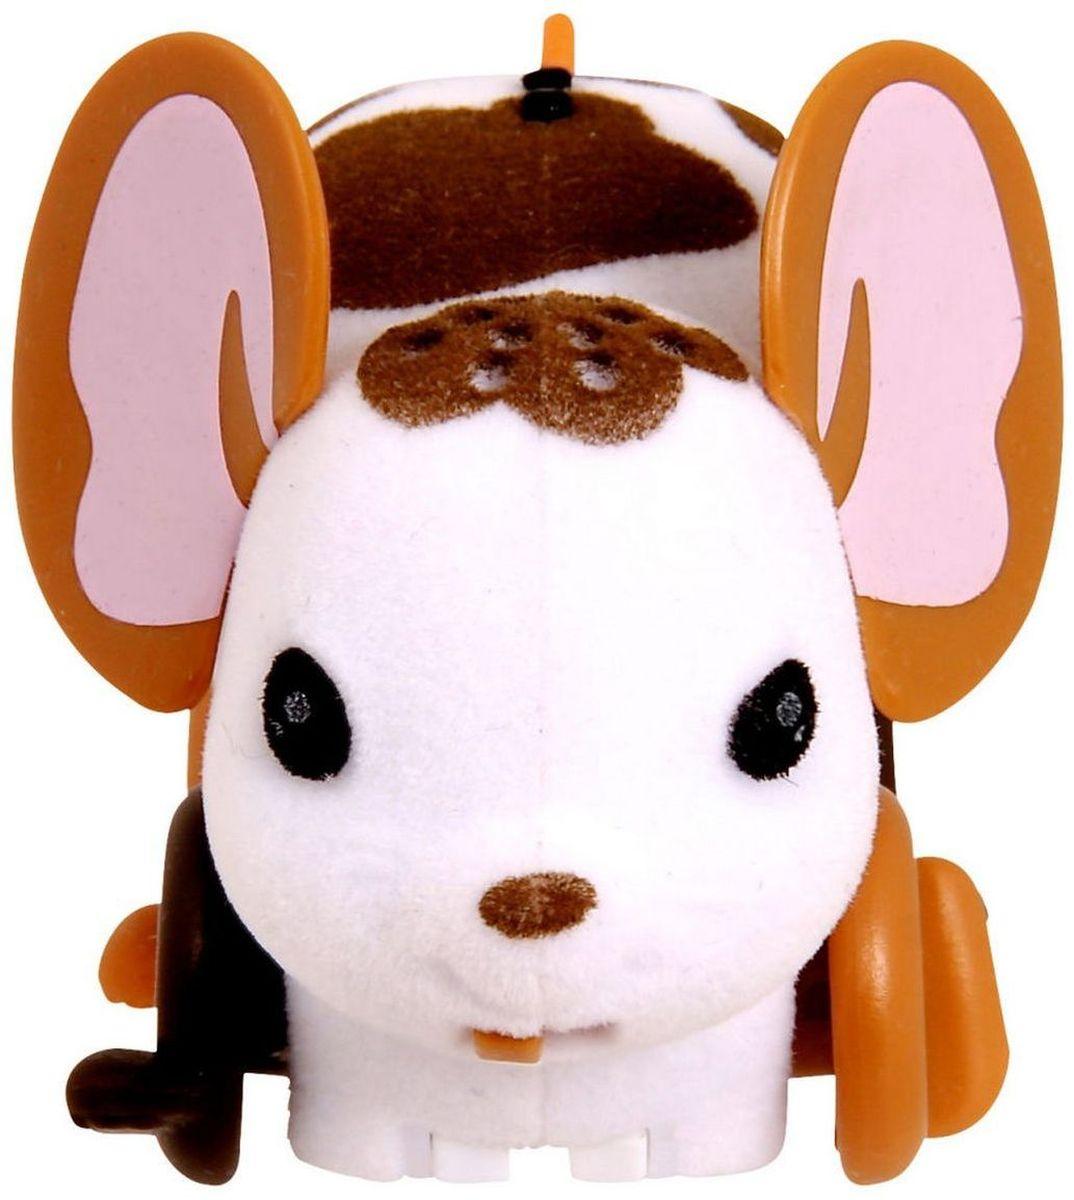 Little Live Pets Интерактивная игрушка Мышка цвет белый28192/ast28135(28187,28188,28189,28190,28191,28192)Интерактивная игрушка Little Live Pet Мышка изготовлена из высокопрочного пластика, обтянутого флоком. Тело игрушки на ощупь напоминает настоящую шерстку мышонка. Вместо лапок у мышки - колесики. Благодаря колесам мышка легко и быстро передвигается, разворачивается по кругу. Если мышка засыпает, ее нужно погладить по спинке. Там у нее расположен сенсор. Кнопка включения расположена на месте рта. Мышка умеет издавать звуки, похожие на настоящий писк и фырканье. Игрушка развивает внимательность, фантазию и мелкую моторику. Рекомендовано для детей от 5 лет. Для работы требуются 3 батарейки типа AG13 (LR44) (комплектуется демонстрационными).